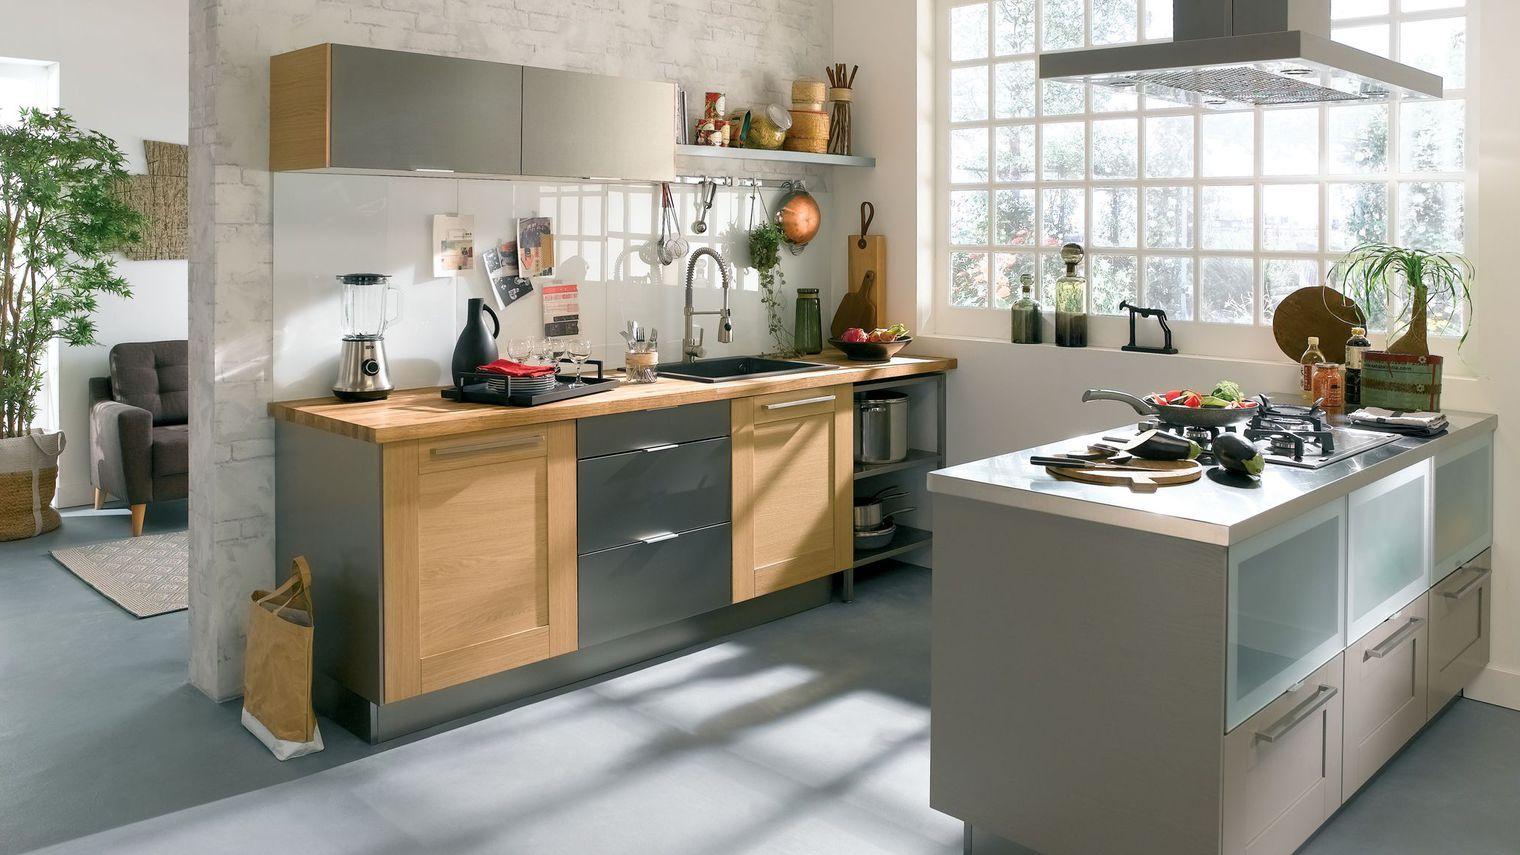 Modele cuisine usa - Tout sur la cuisine et le mobilier cuisine